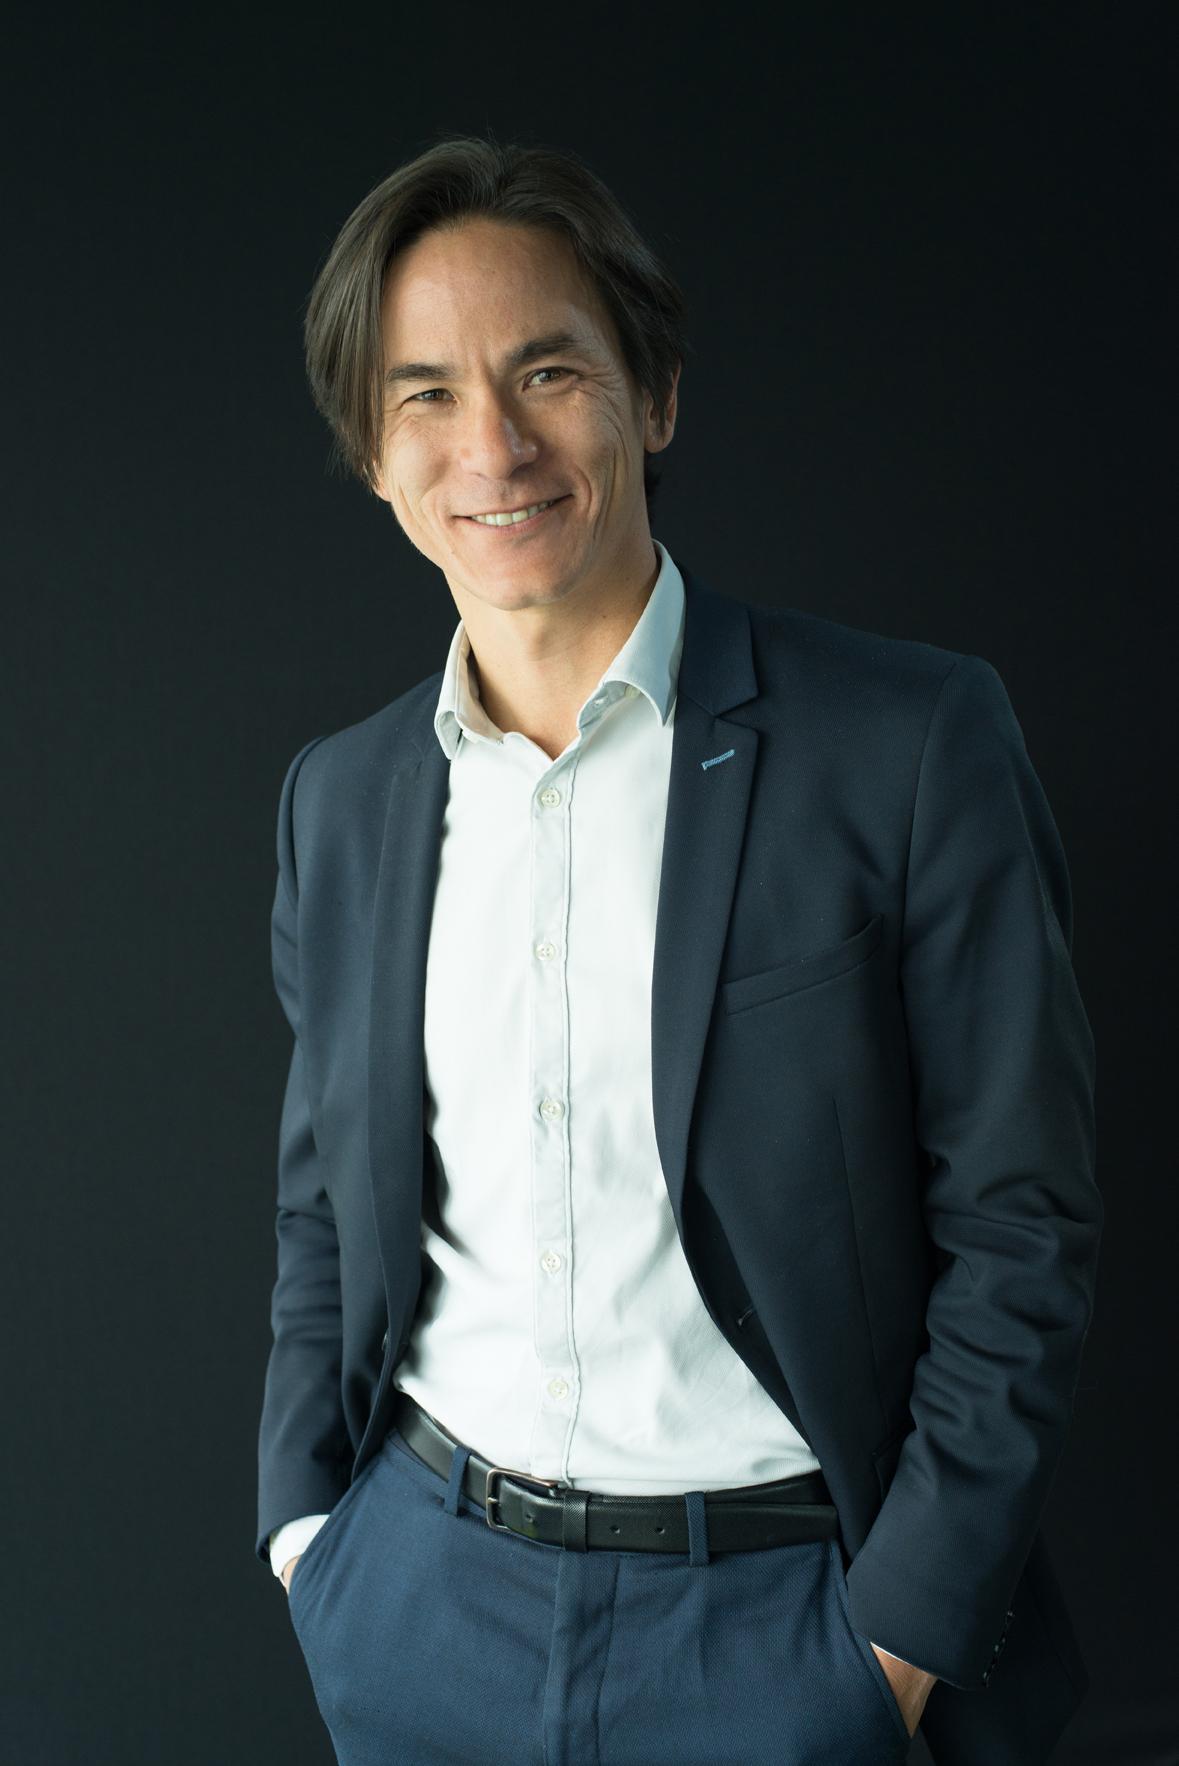 Benoît Chang, Directeur Général de l